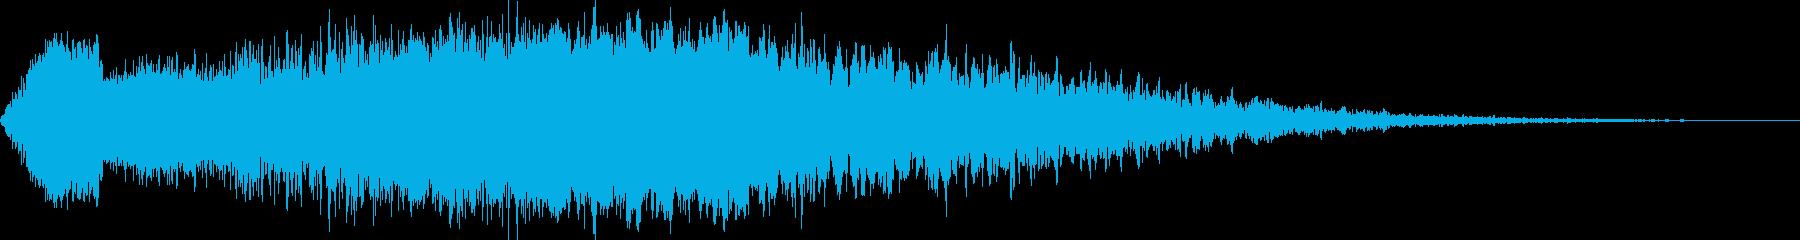 【ホラーゲーム】 シーン 不穏な空気の再生済みの波形